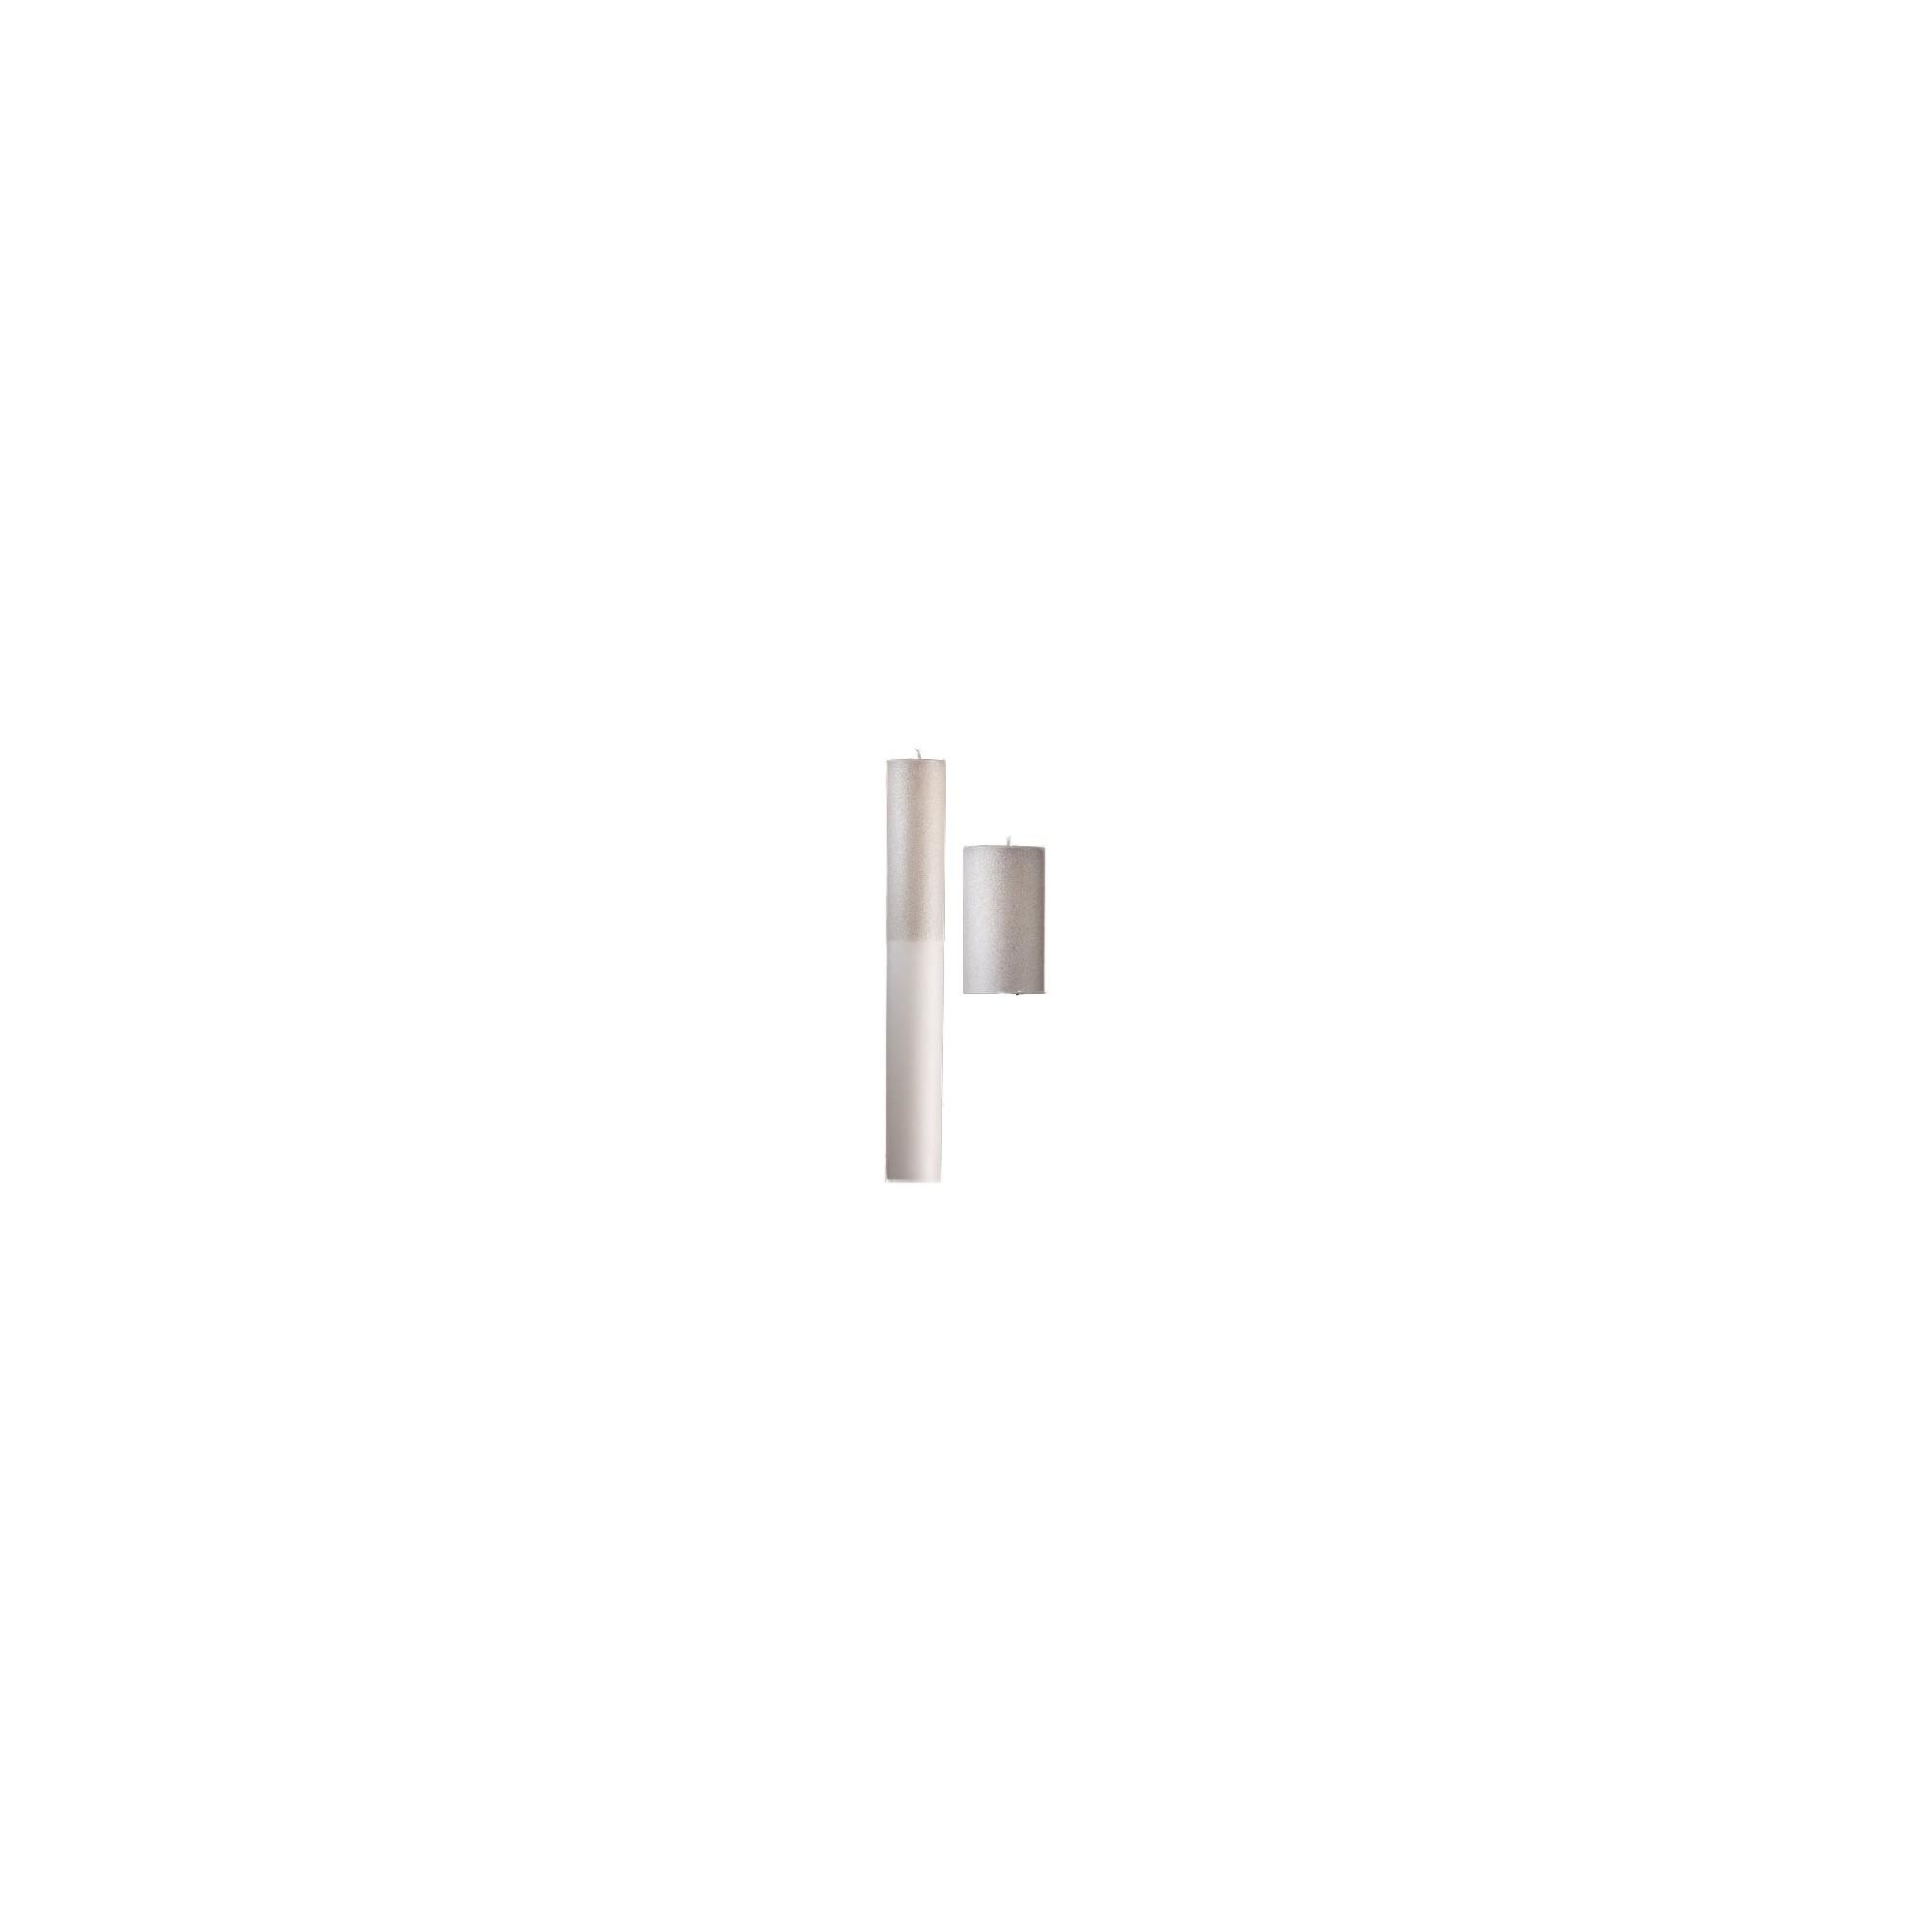 Λαμπάδα Γάμου με λευκό γκλίτερ - NK12140GL